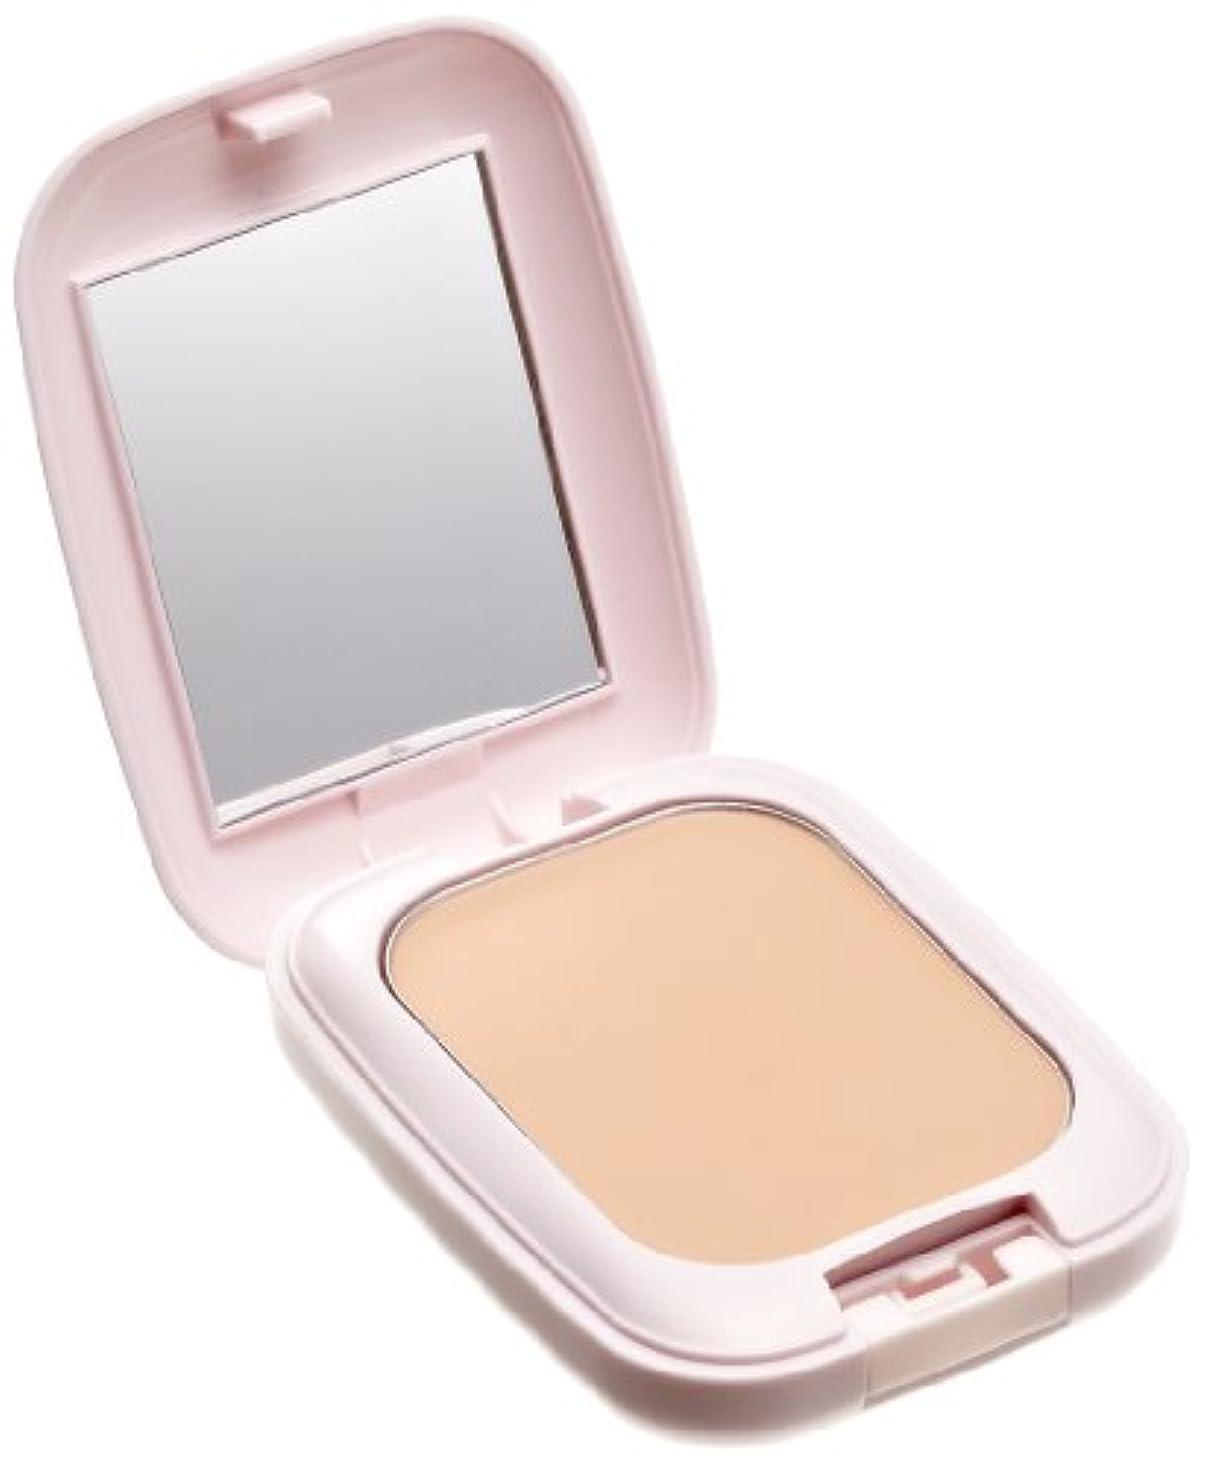 狂信者鏡含意KOSE コーセー ノア クリーミィ ファンデーション UV 40 (9g)